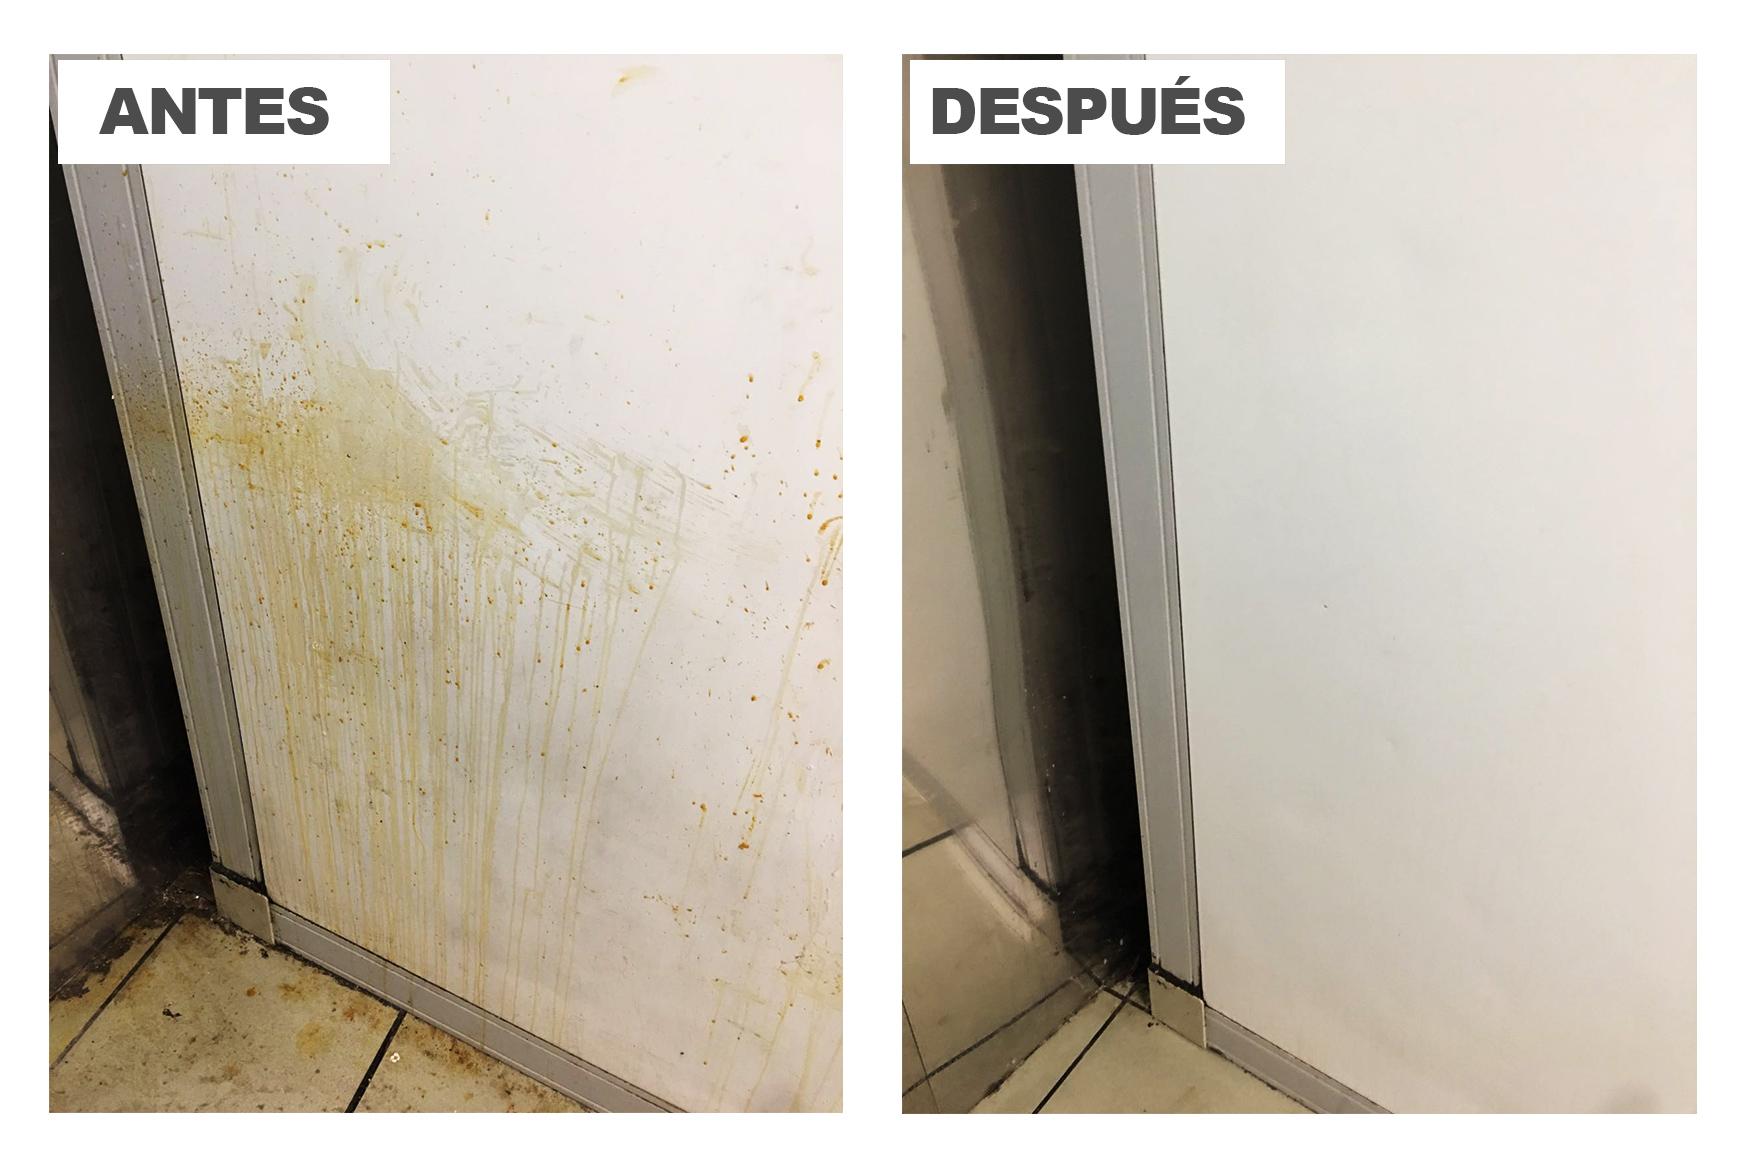 Servicios de limpiezas especiales